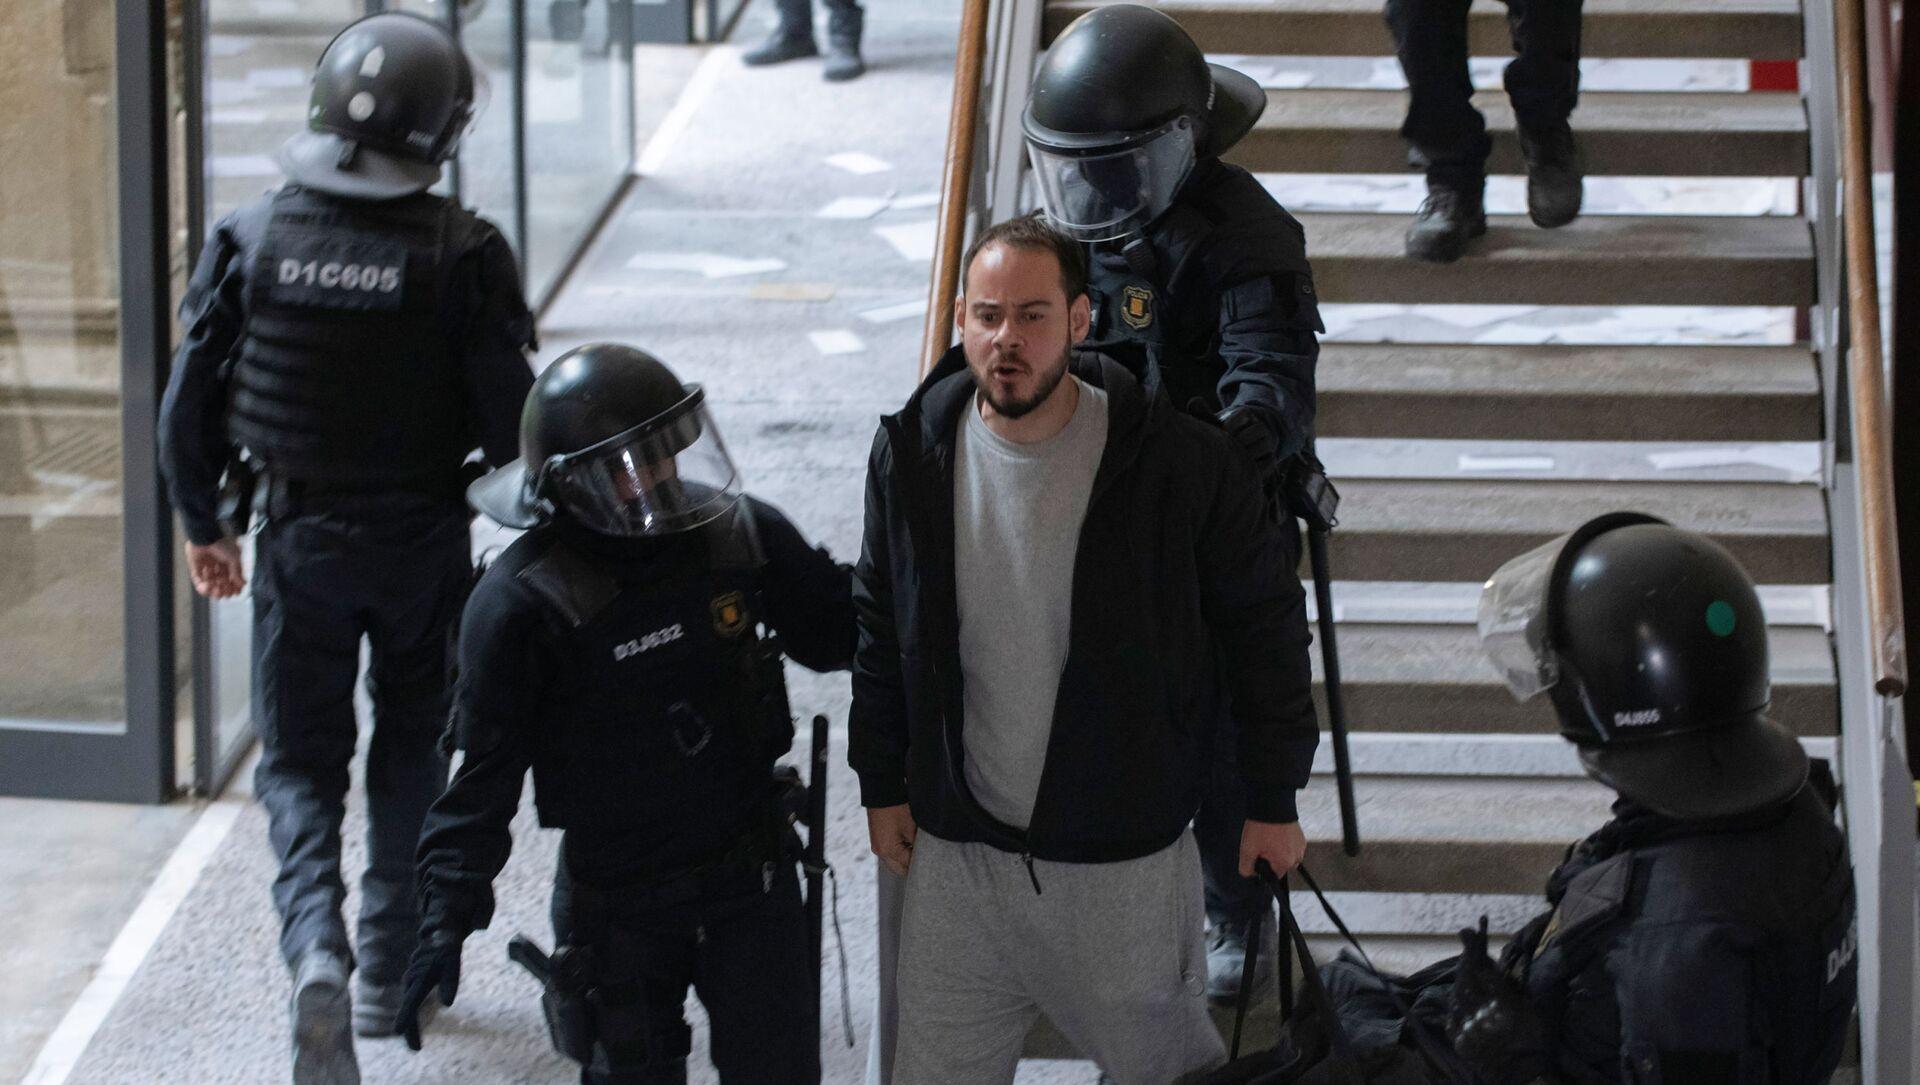 Barcellona, manifestazioni per il rapper Hasel: 6 anarchici italiani arrestati - Sputnik Italia, 1920, 02.03.2021